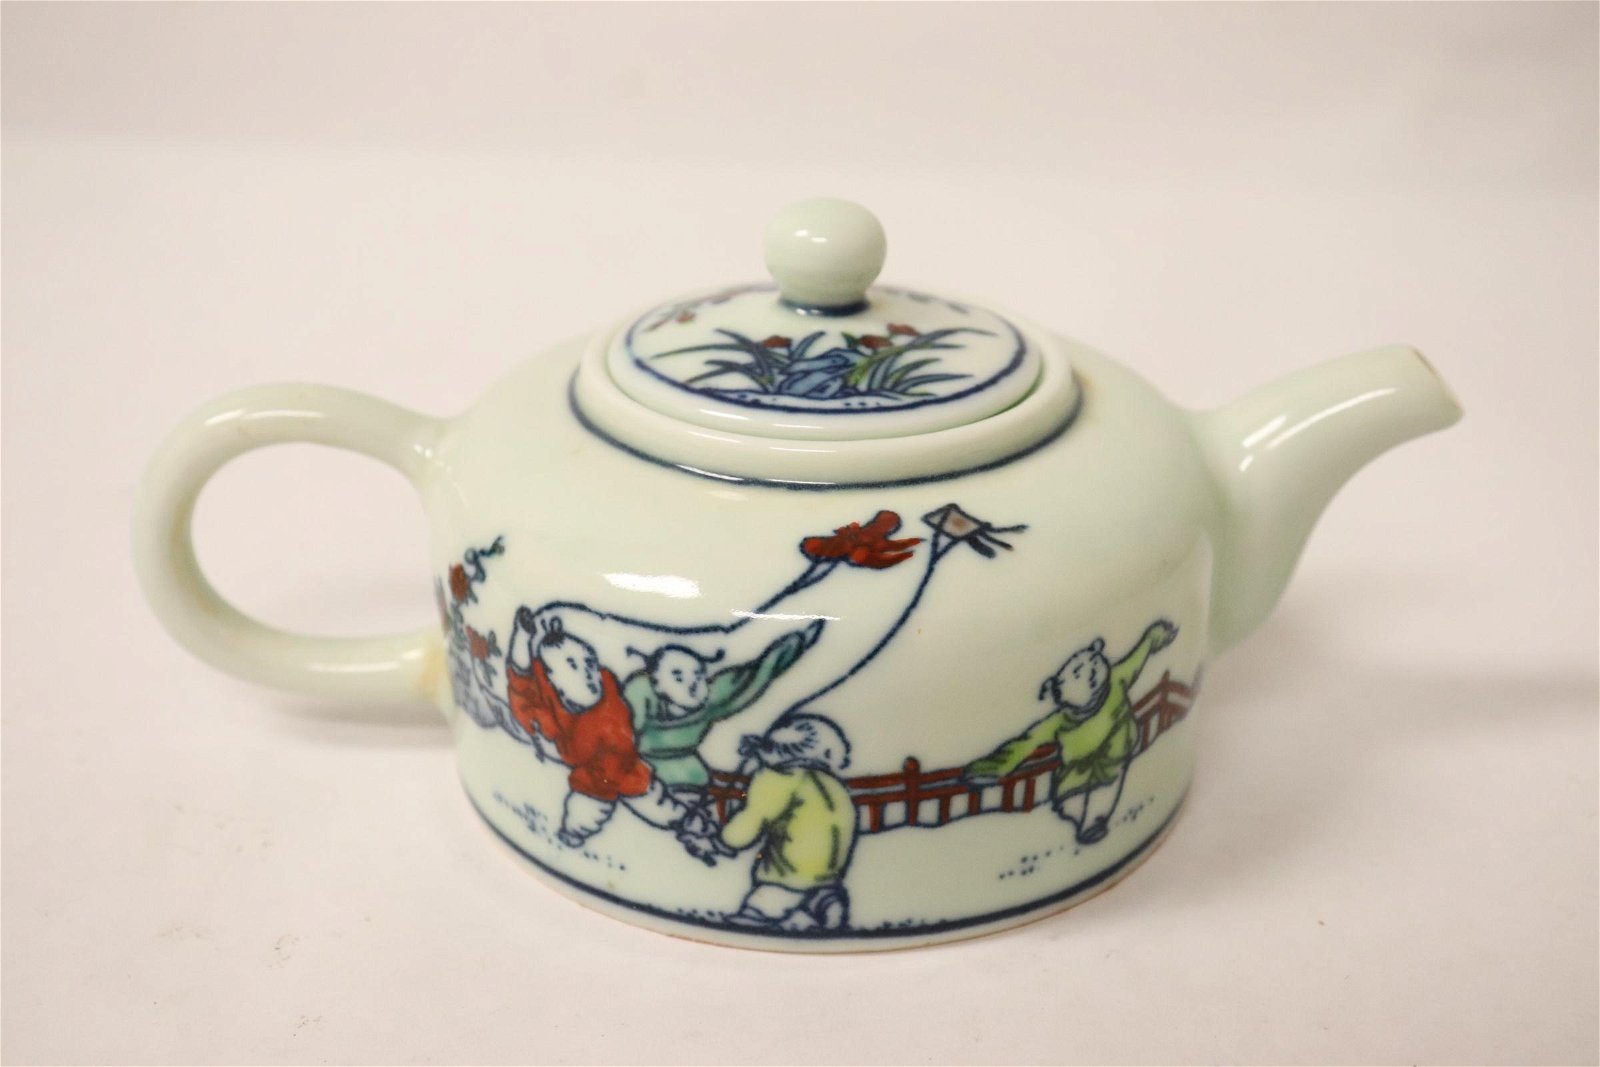 Chinese wucai porcelain teapot